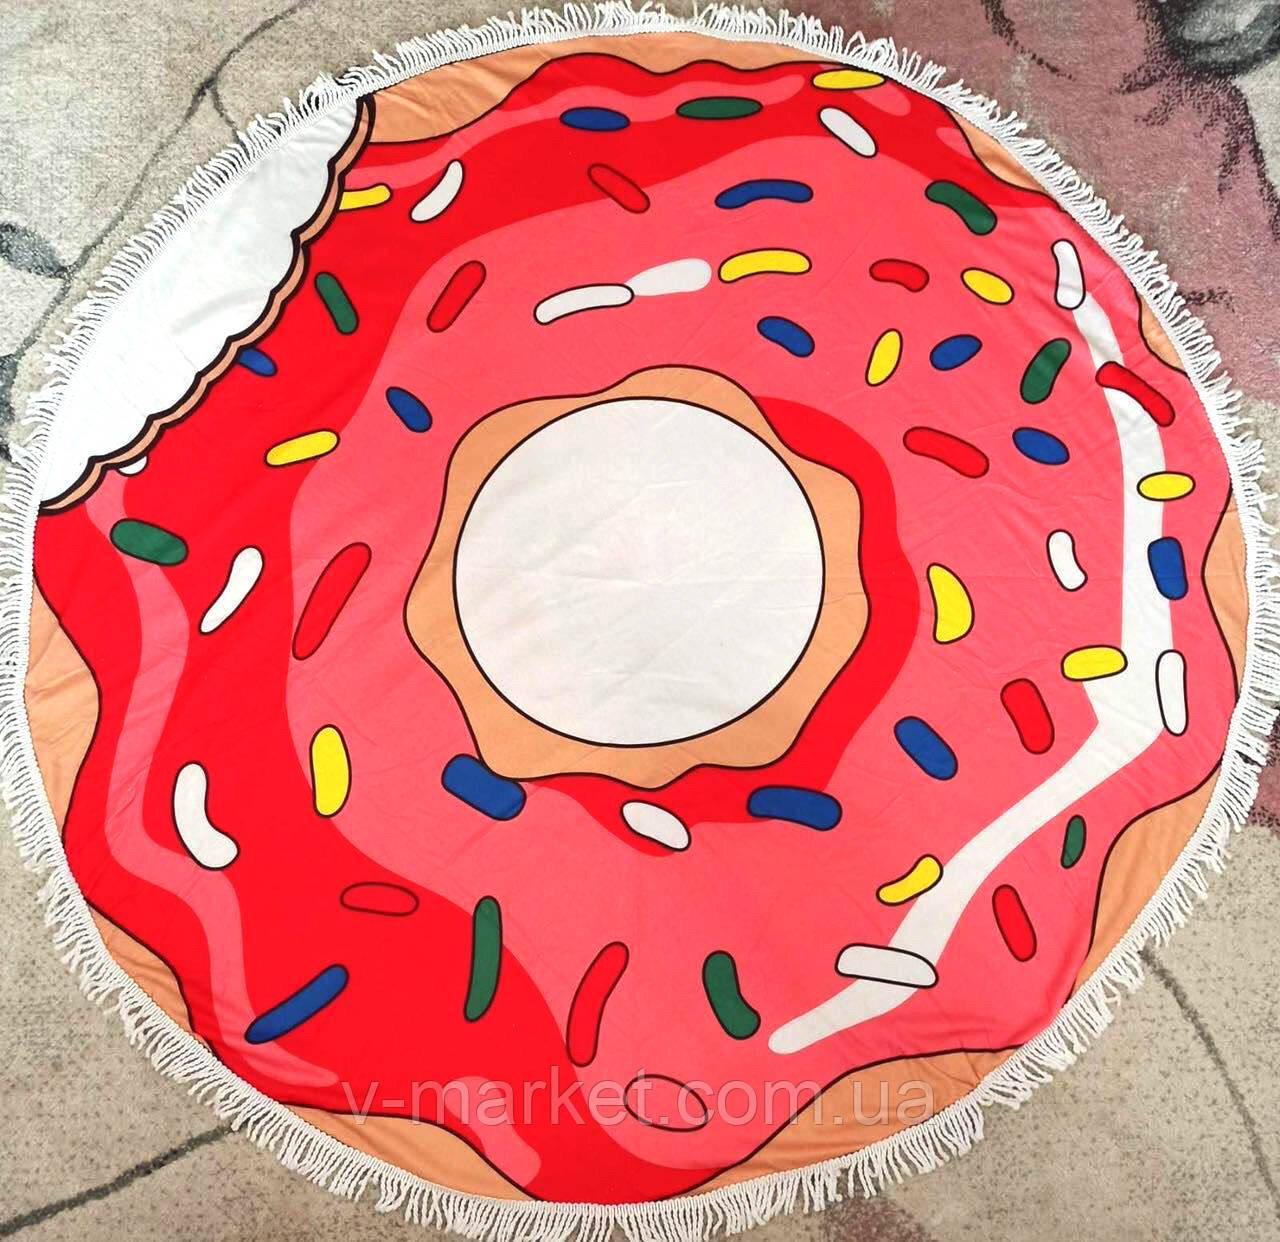 Полотенце пляжное круглое, диаметр 150 см, микрофибра